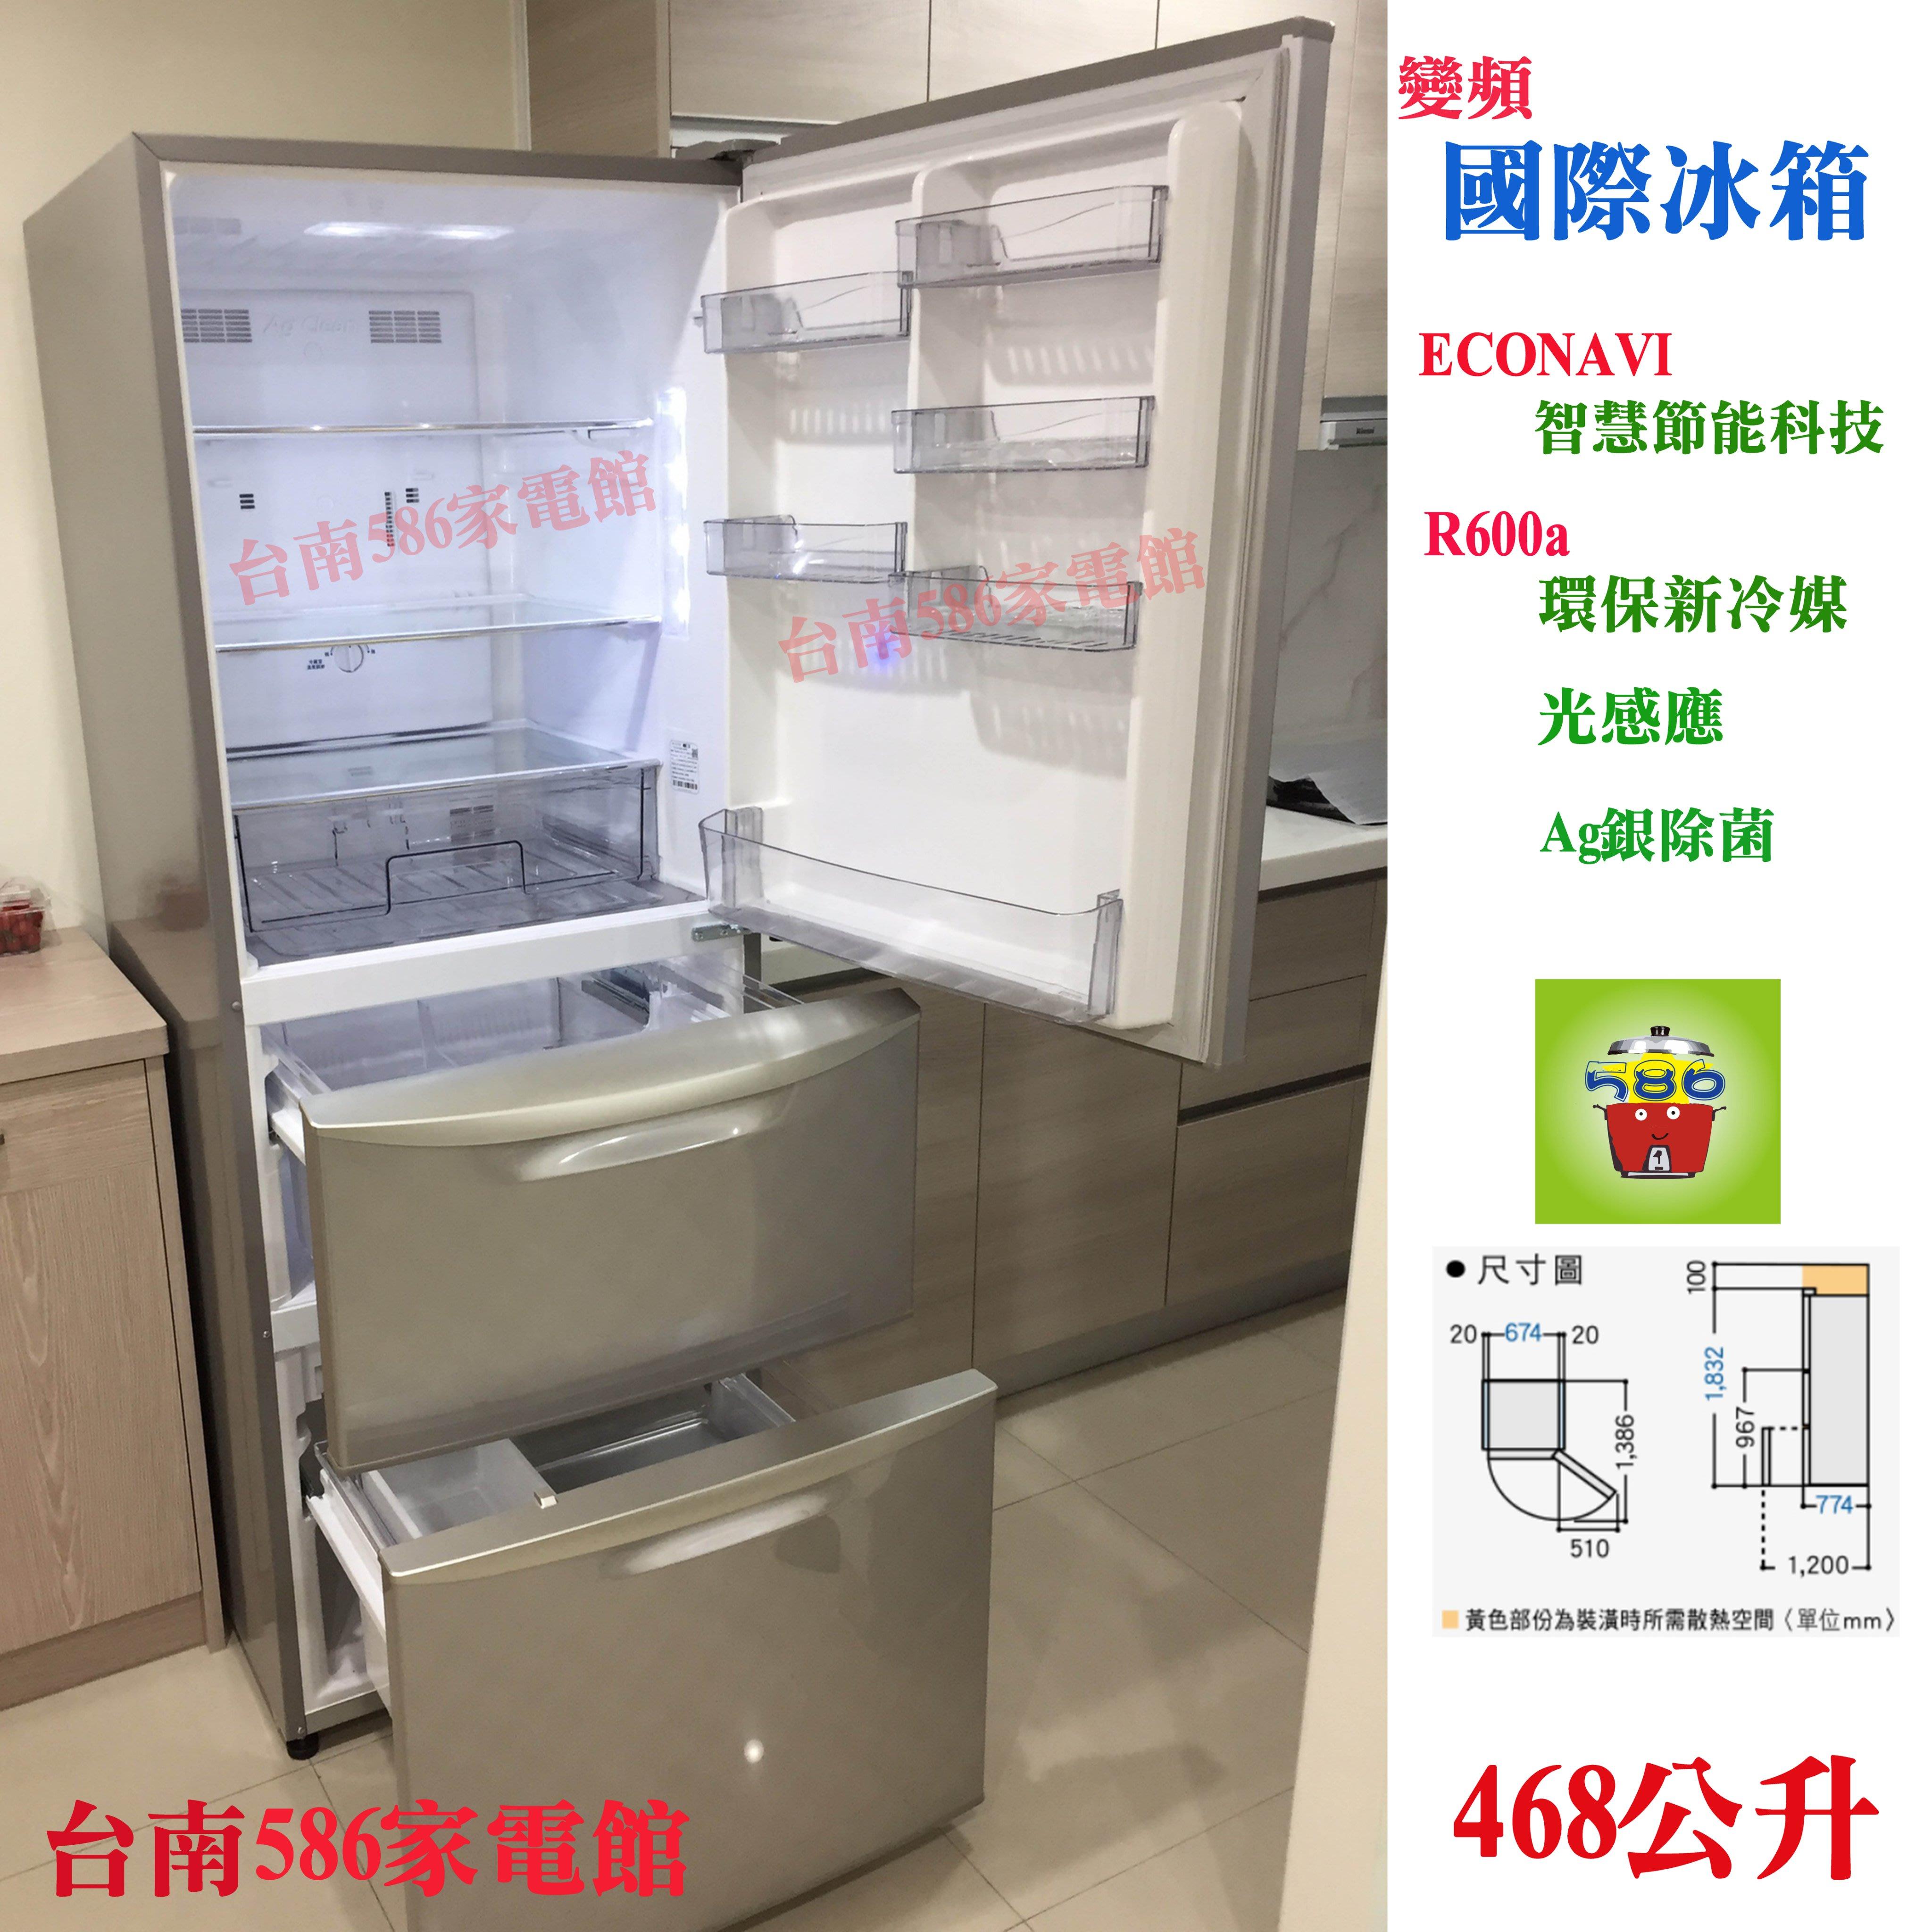 《586家電館》Panasonic國際鋼板冰箱 3 門冰箱【NR-C479HV】智慧節能科技